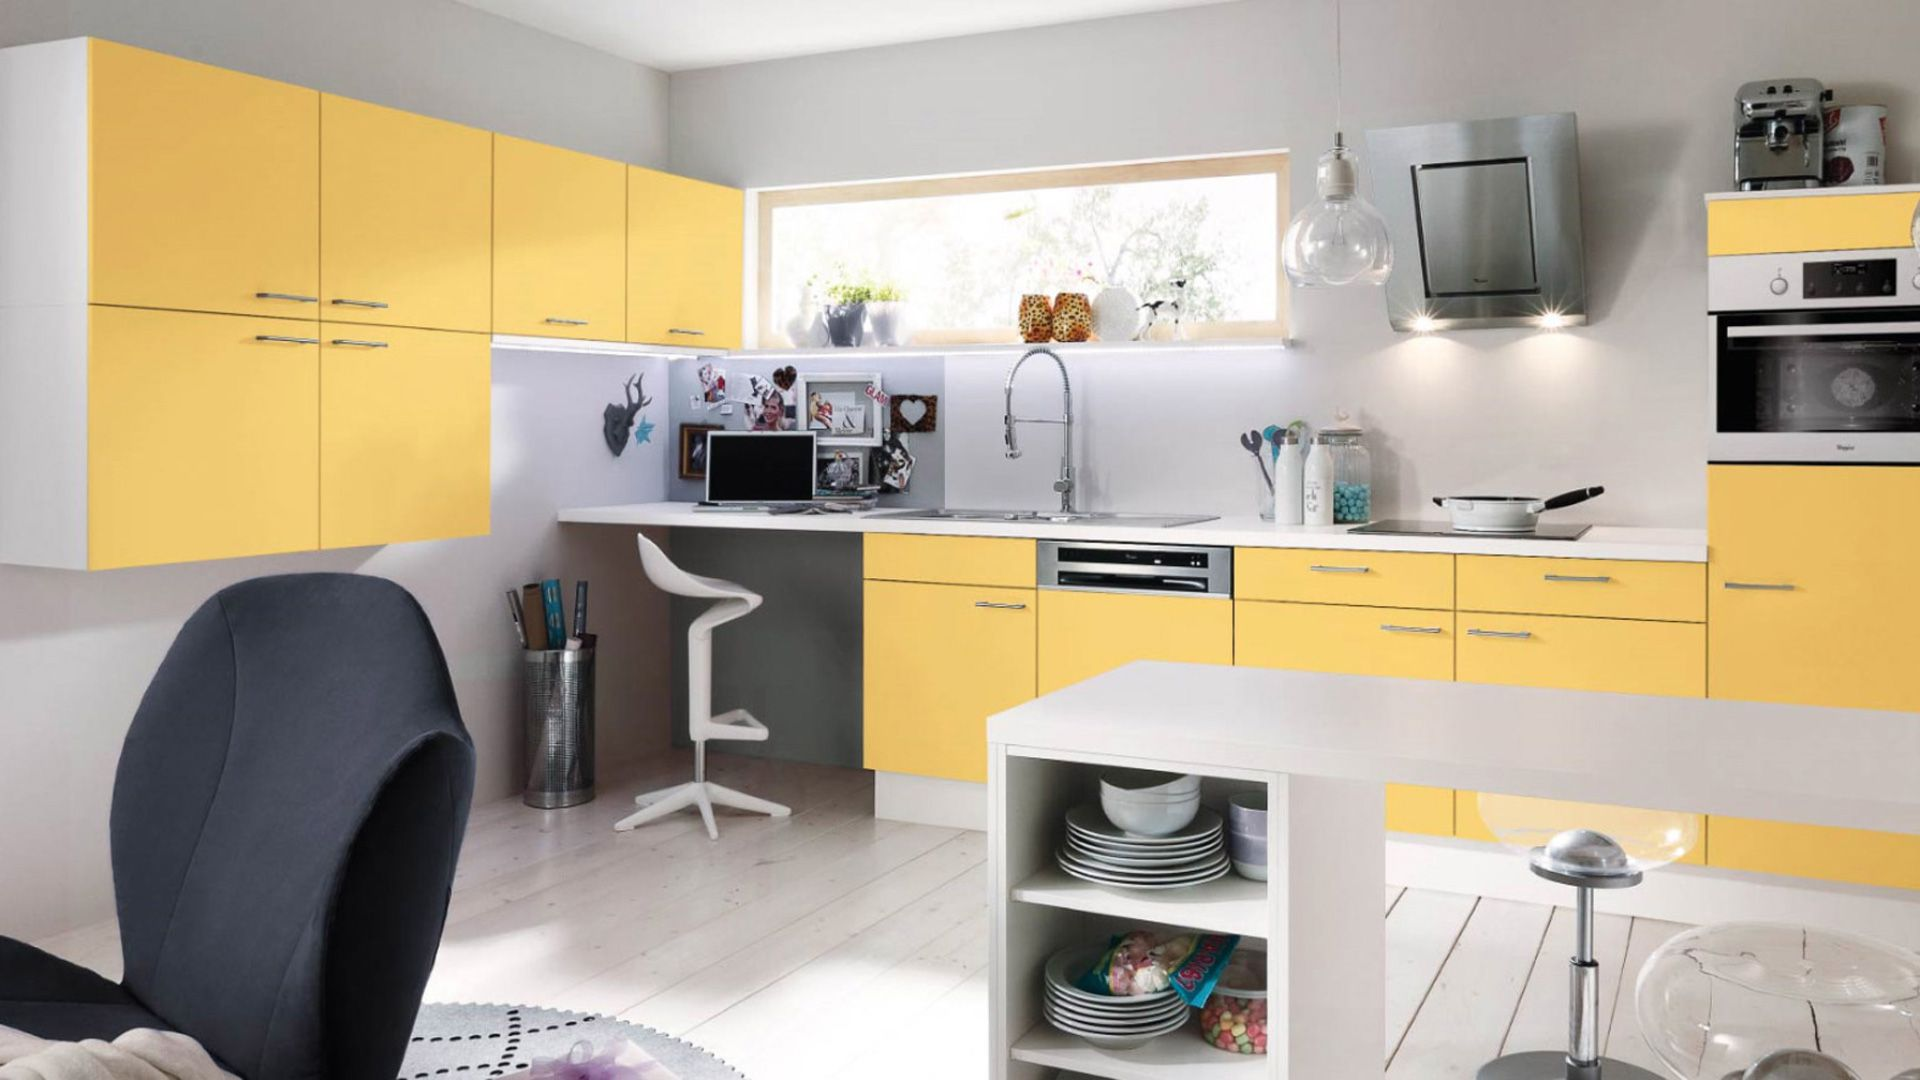 Full Size of Einbauküche Nobilia Küchen Regal Küche Inselküche Abverkauf Bad Wohnzimmer Küchen Abverkauf Nobilia